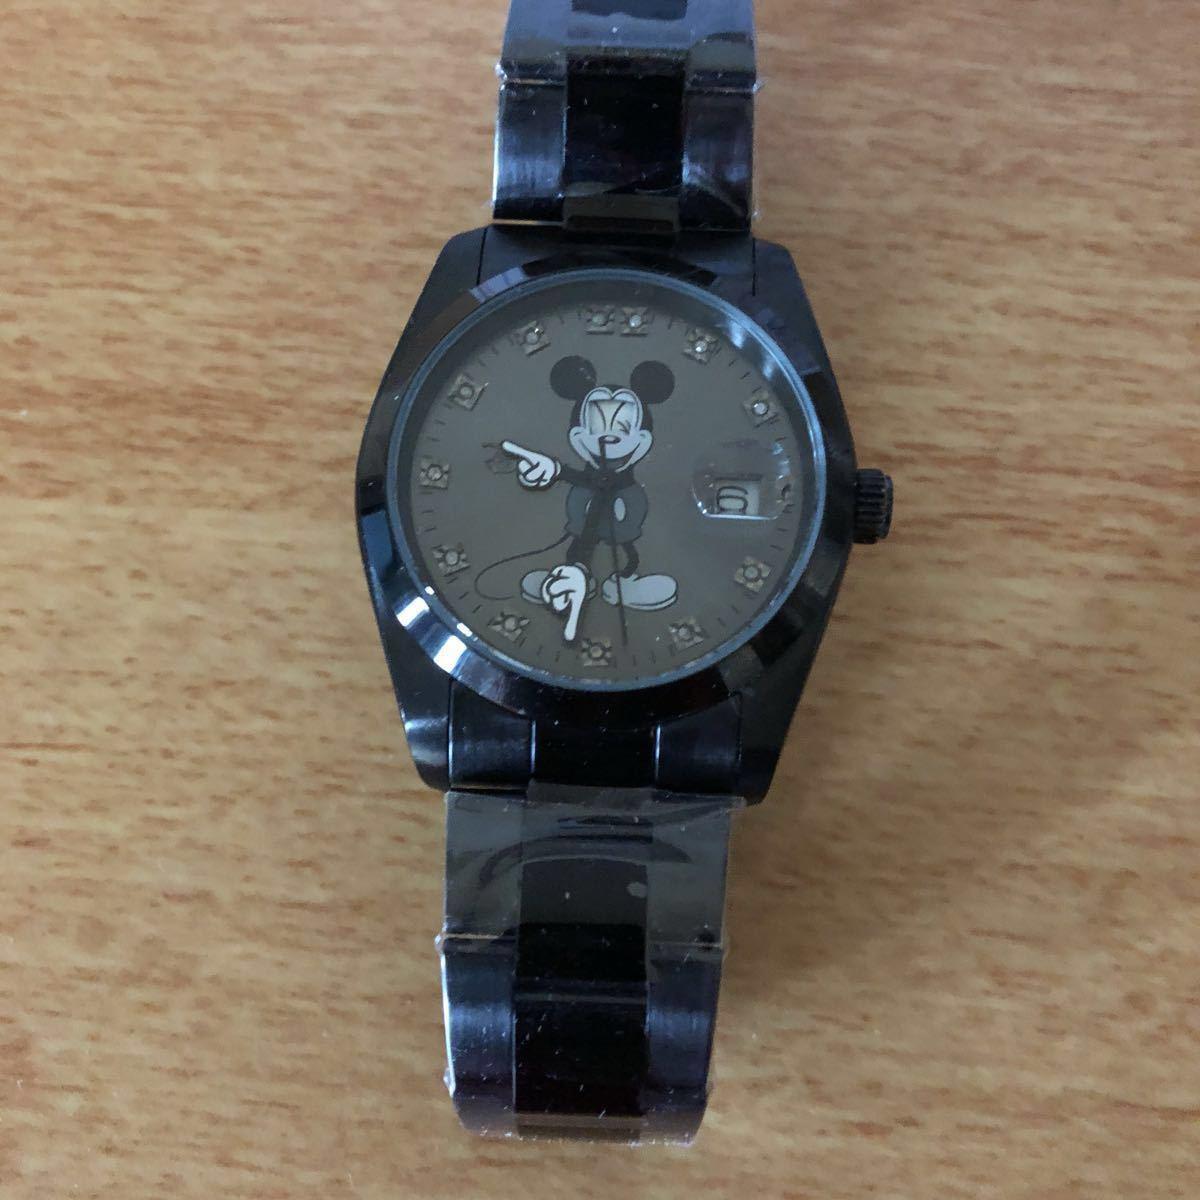 超プレミアム 世界限定モデル ミッキーマウス ダイヤモンド13石 腕時計 ロレックスタイプ ブラック未使用品 豪華オマケ付き